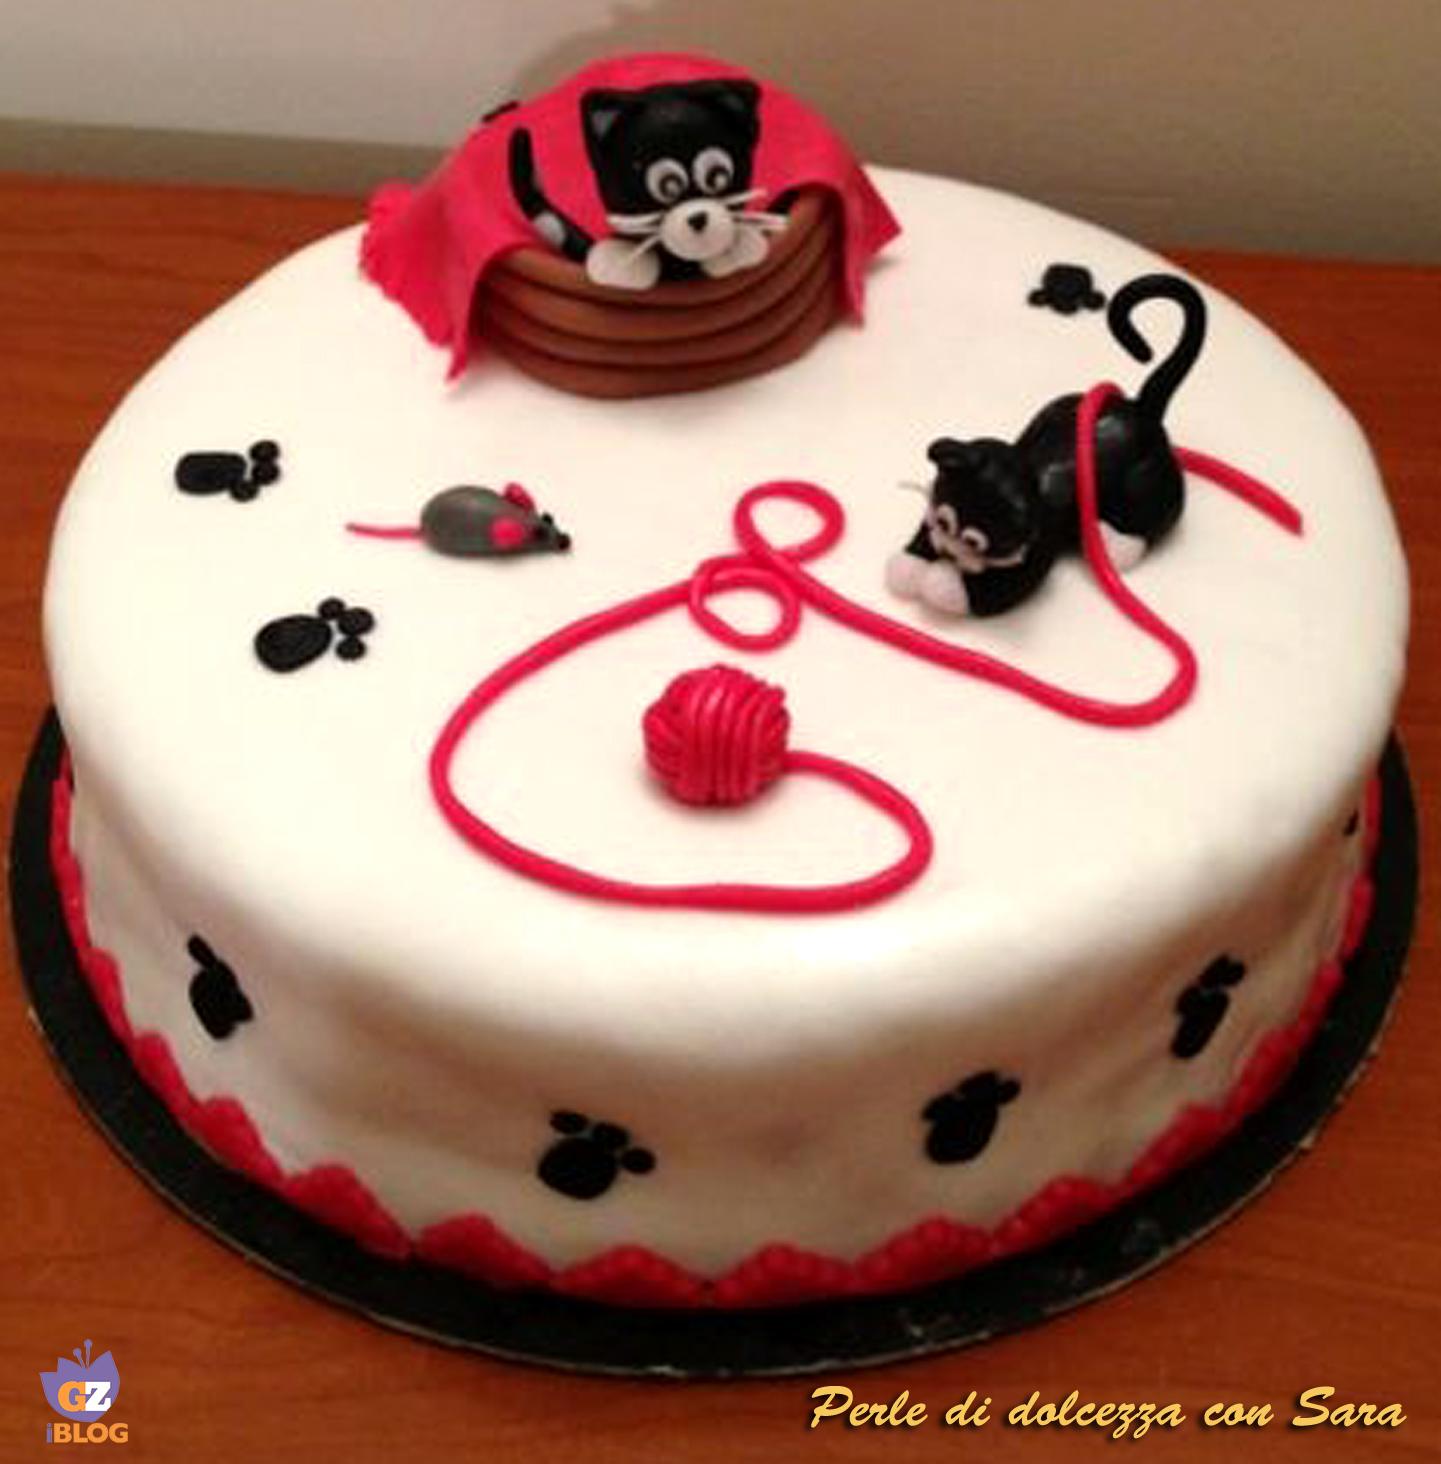 Cake Design Ricette Torte : Cake design: torta mamma gatta e micetto /CUCINA CON SARA